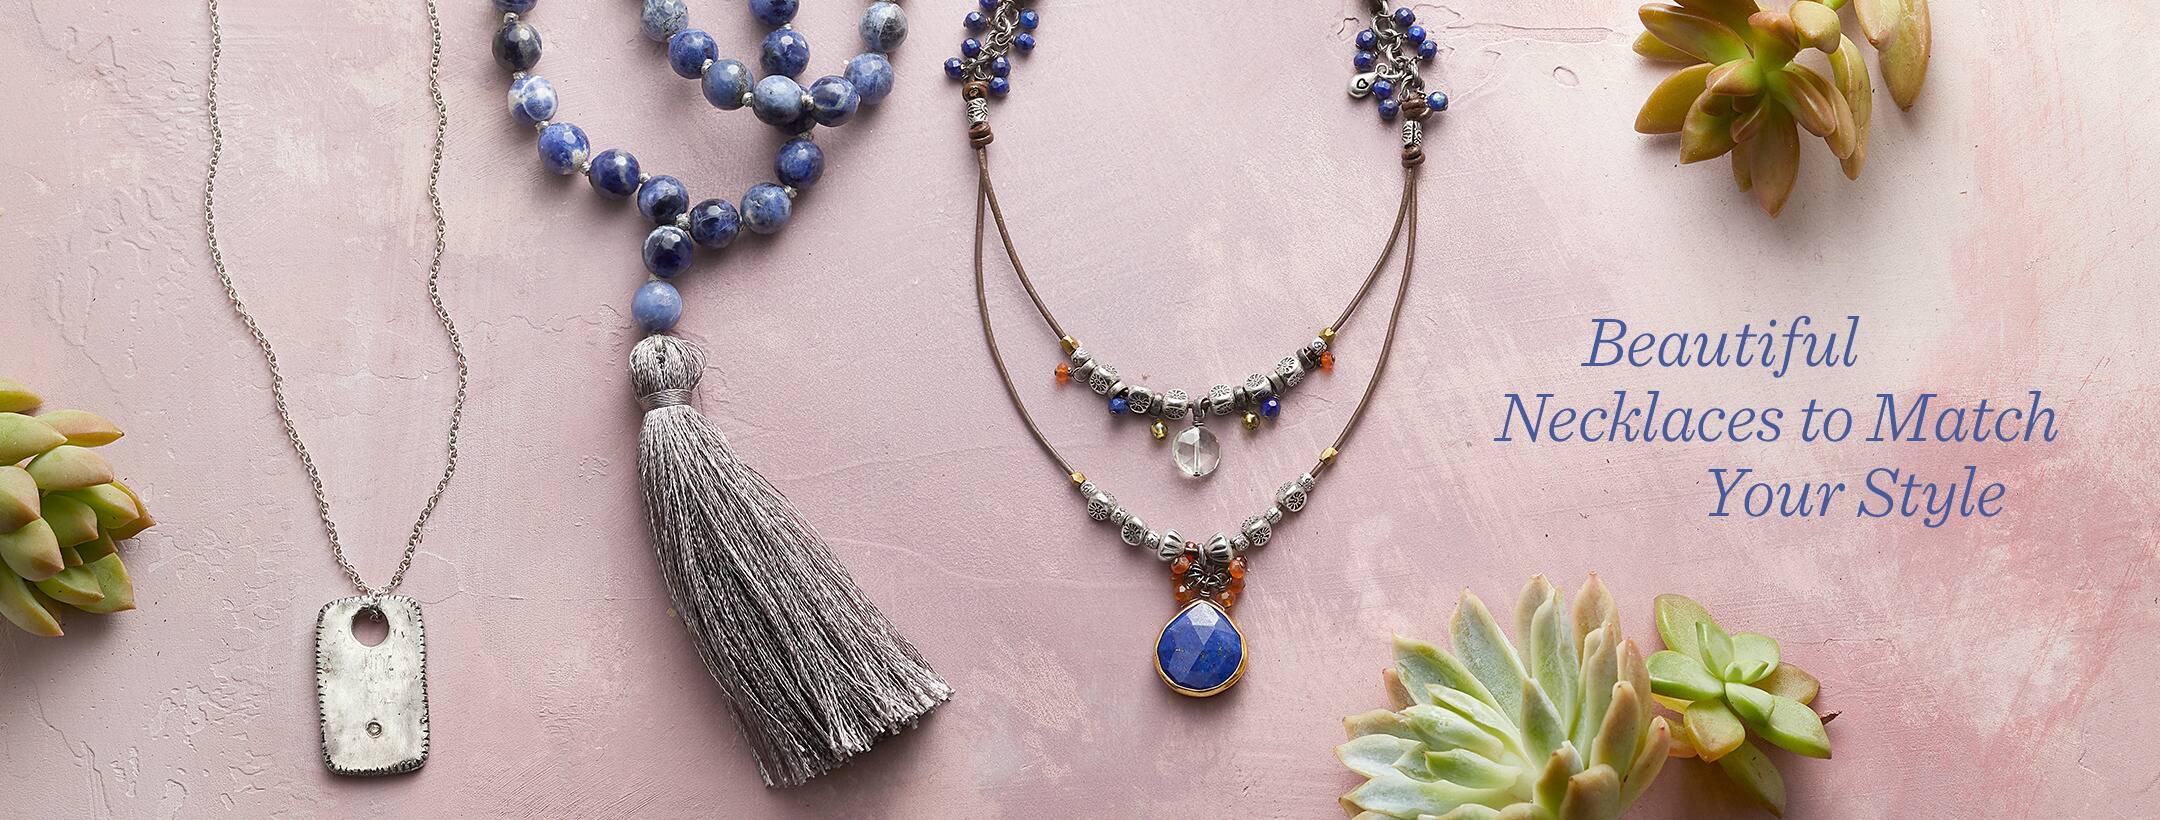 10fe5a1e85421 Handmade Necklaces | Robert Redford's Sundance Catalog